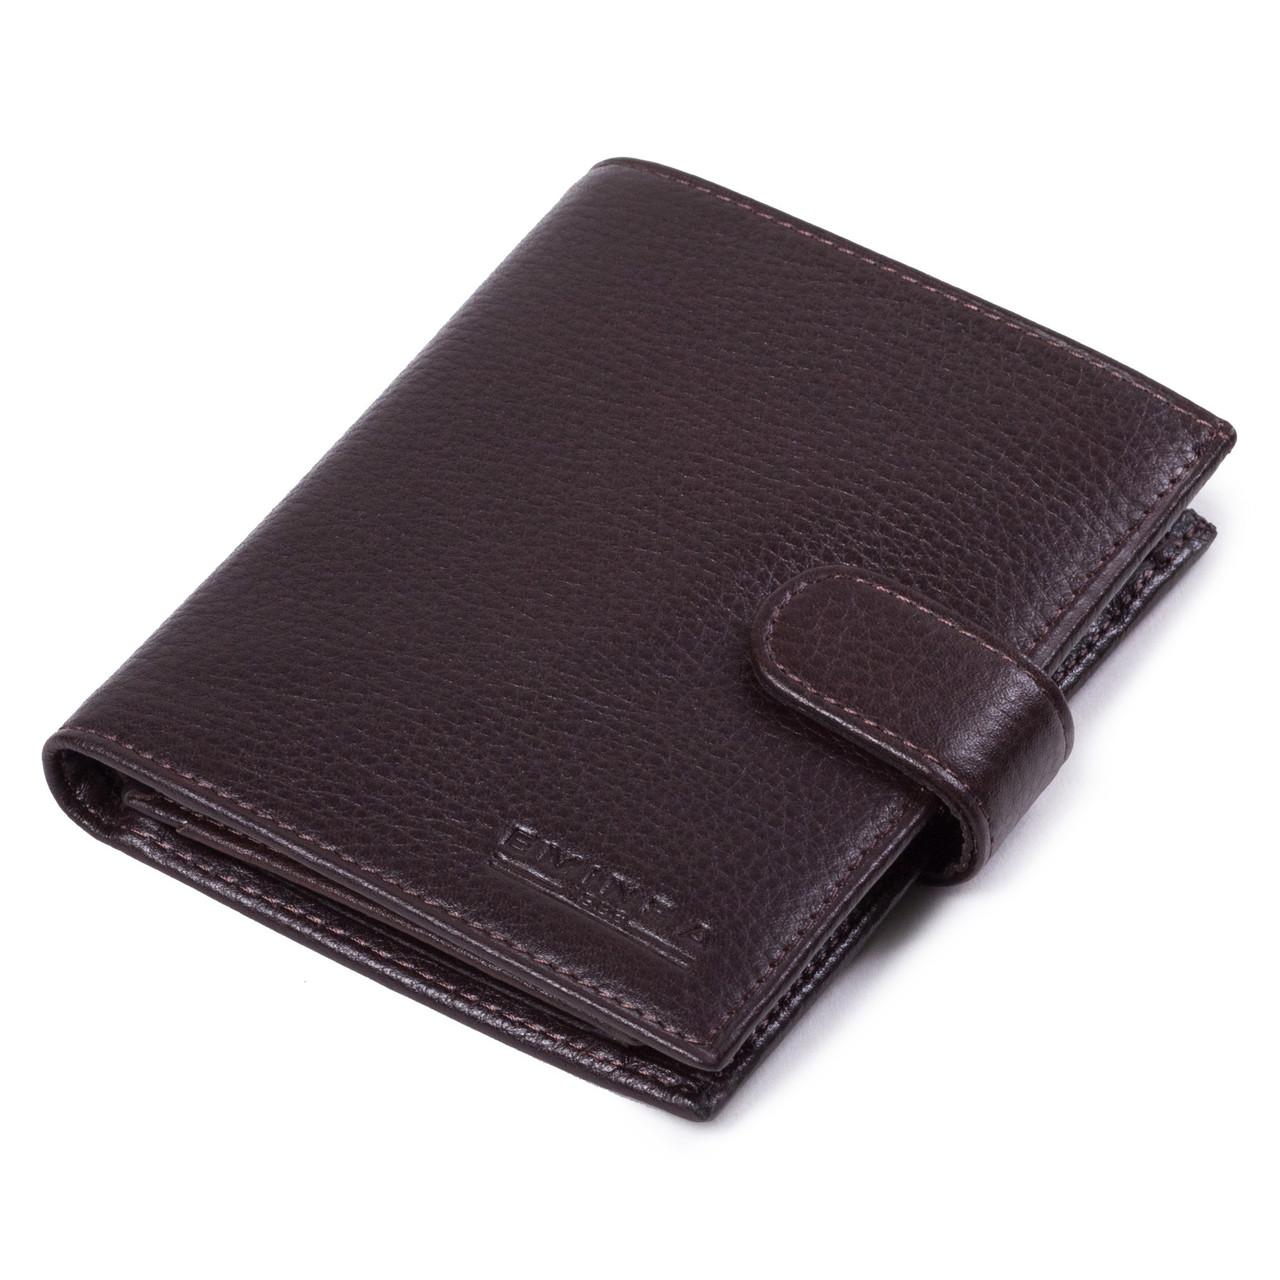 Мужское портмоне Eminsa 1048-17-3 кожаное коричневое